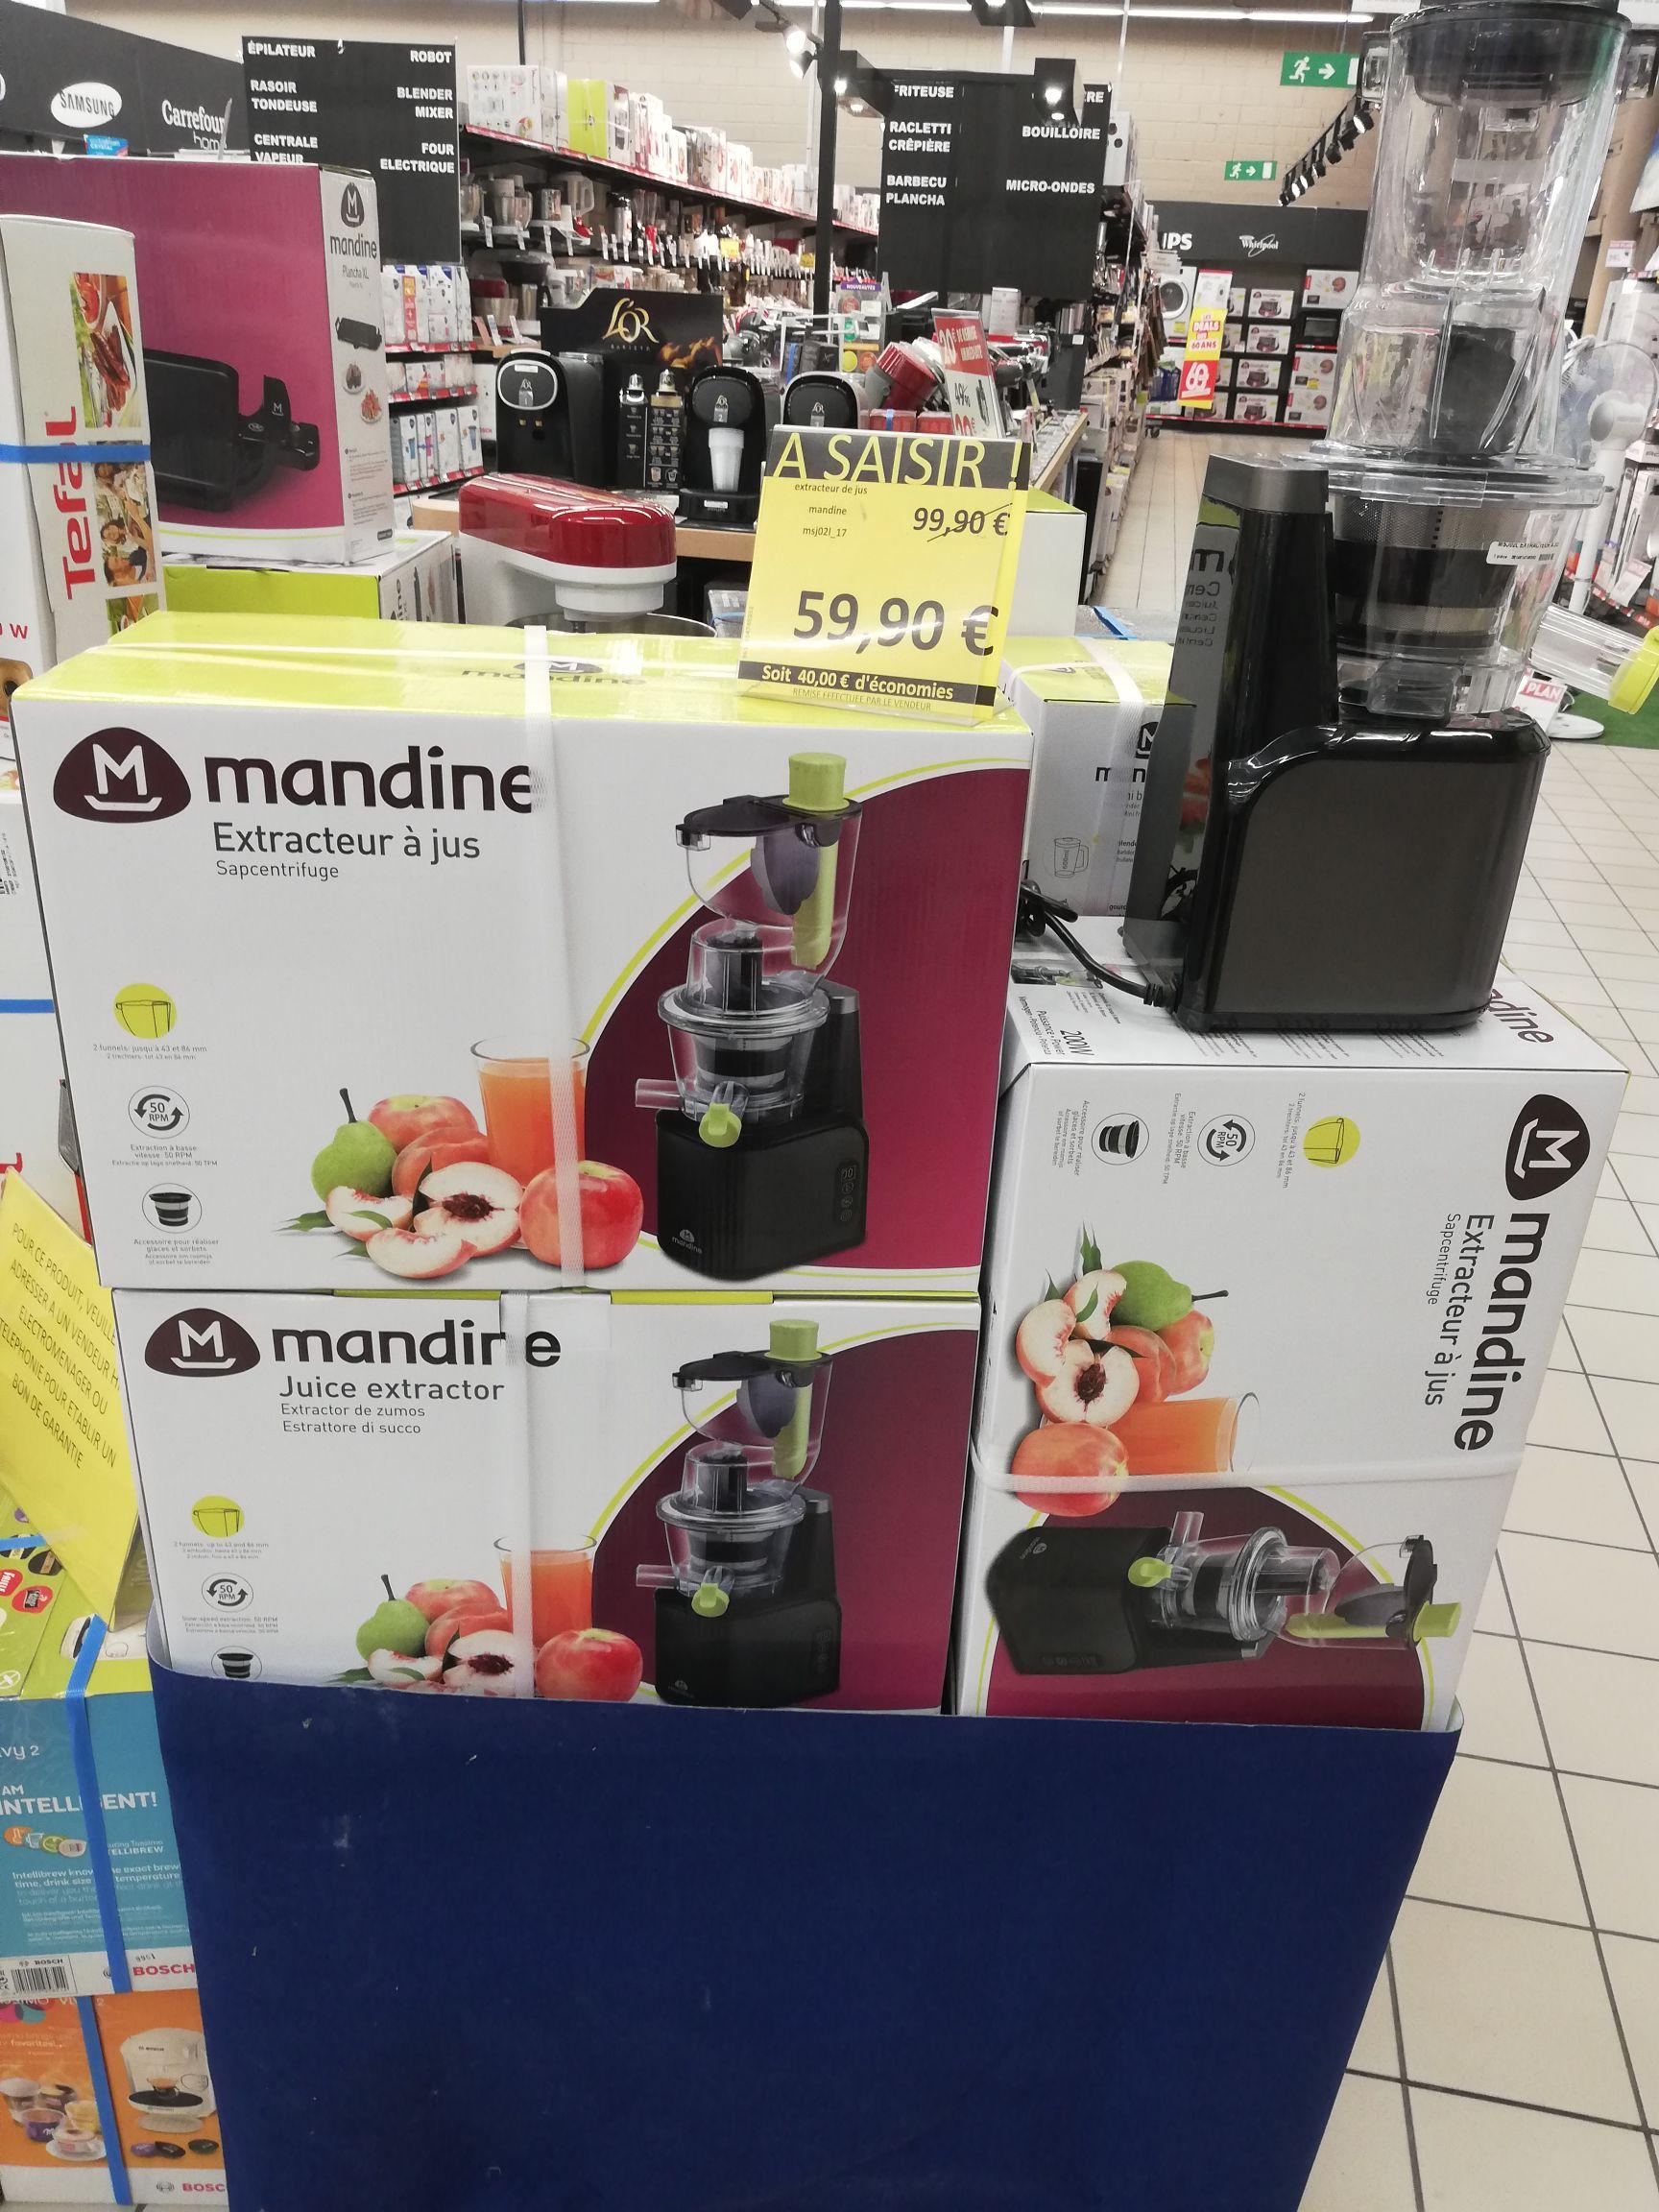 Extracteur de Jus Mandine  - Meylan (38)